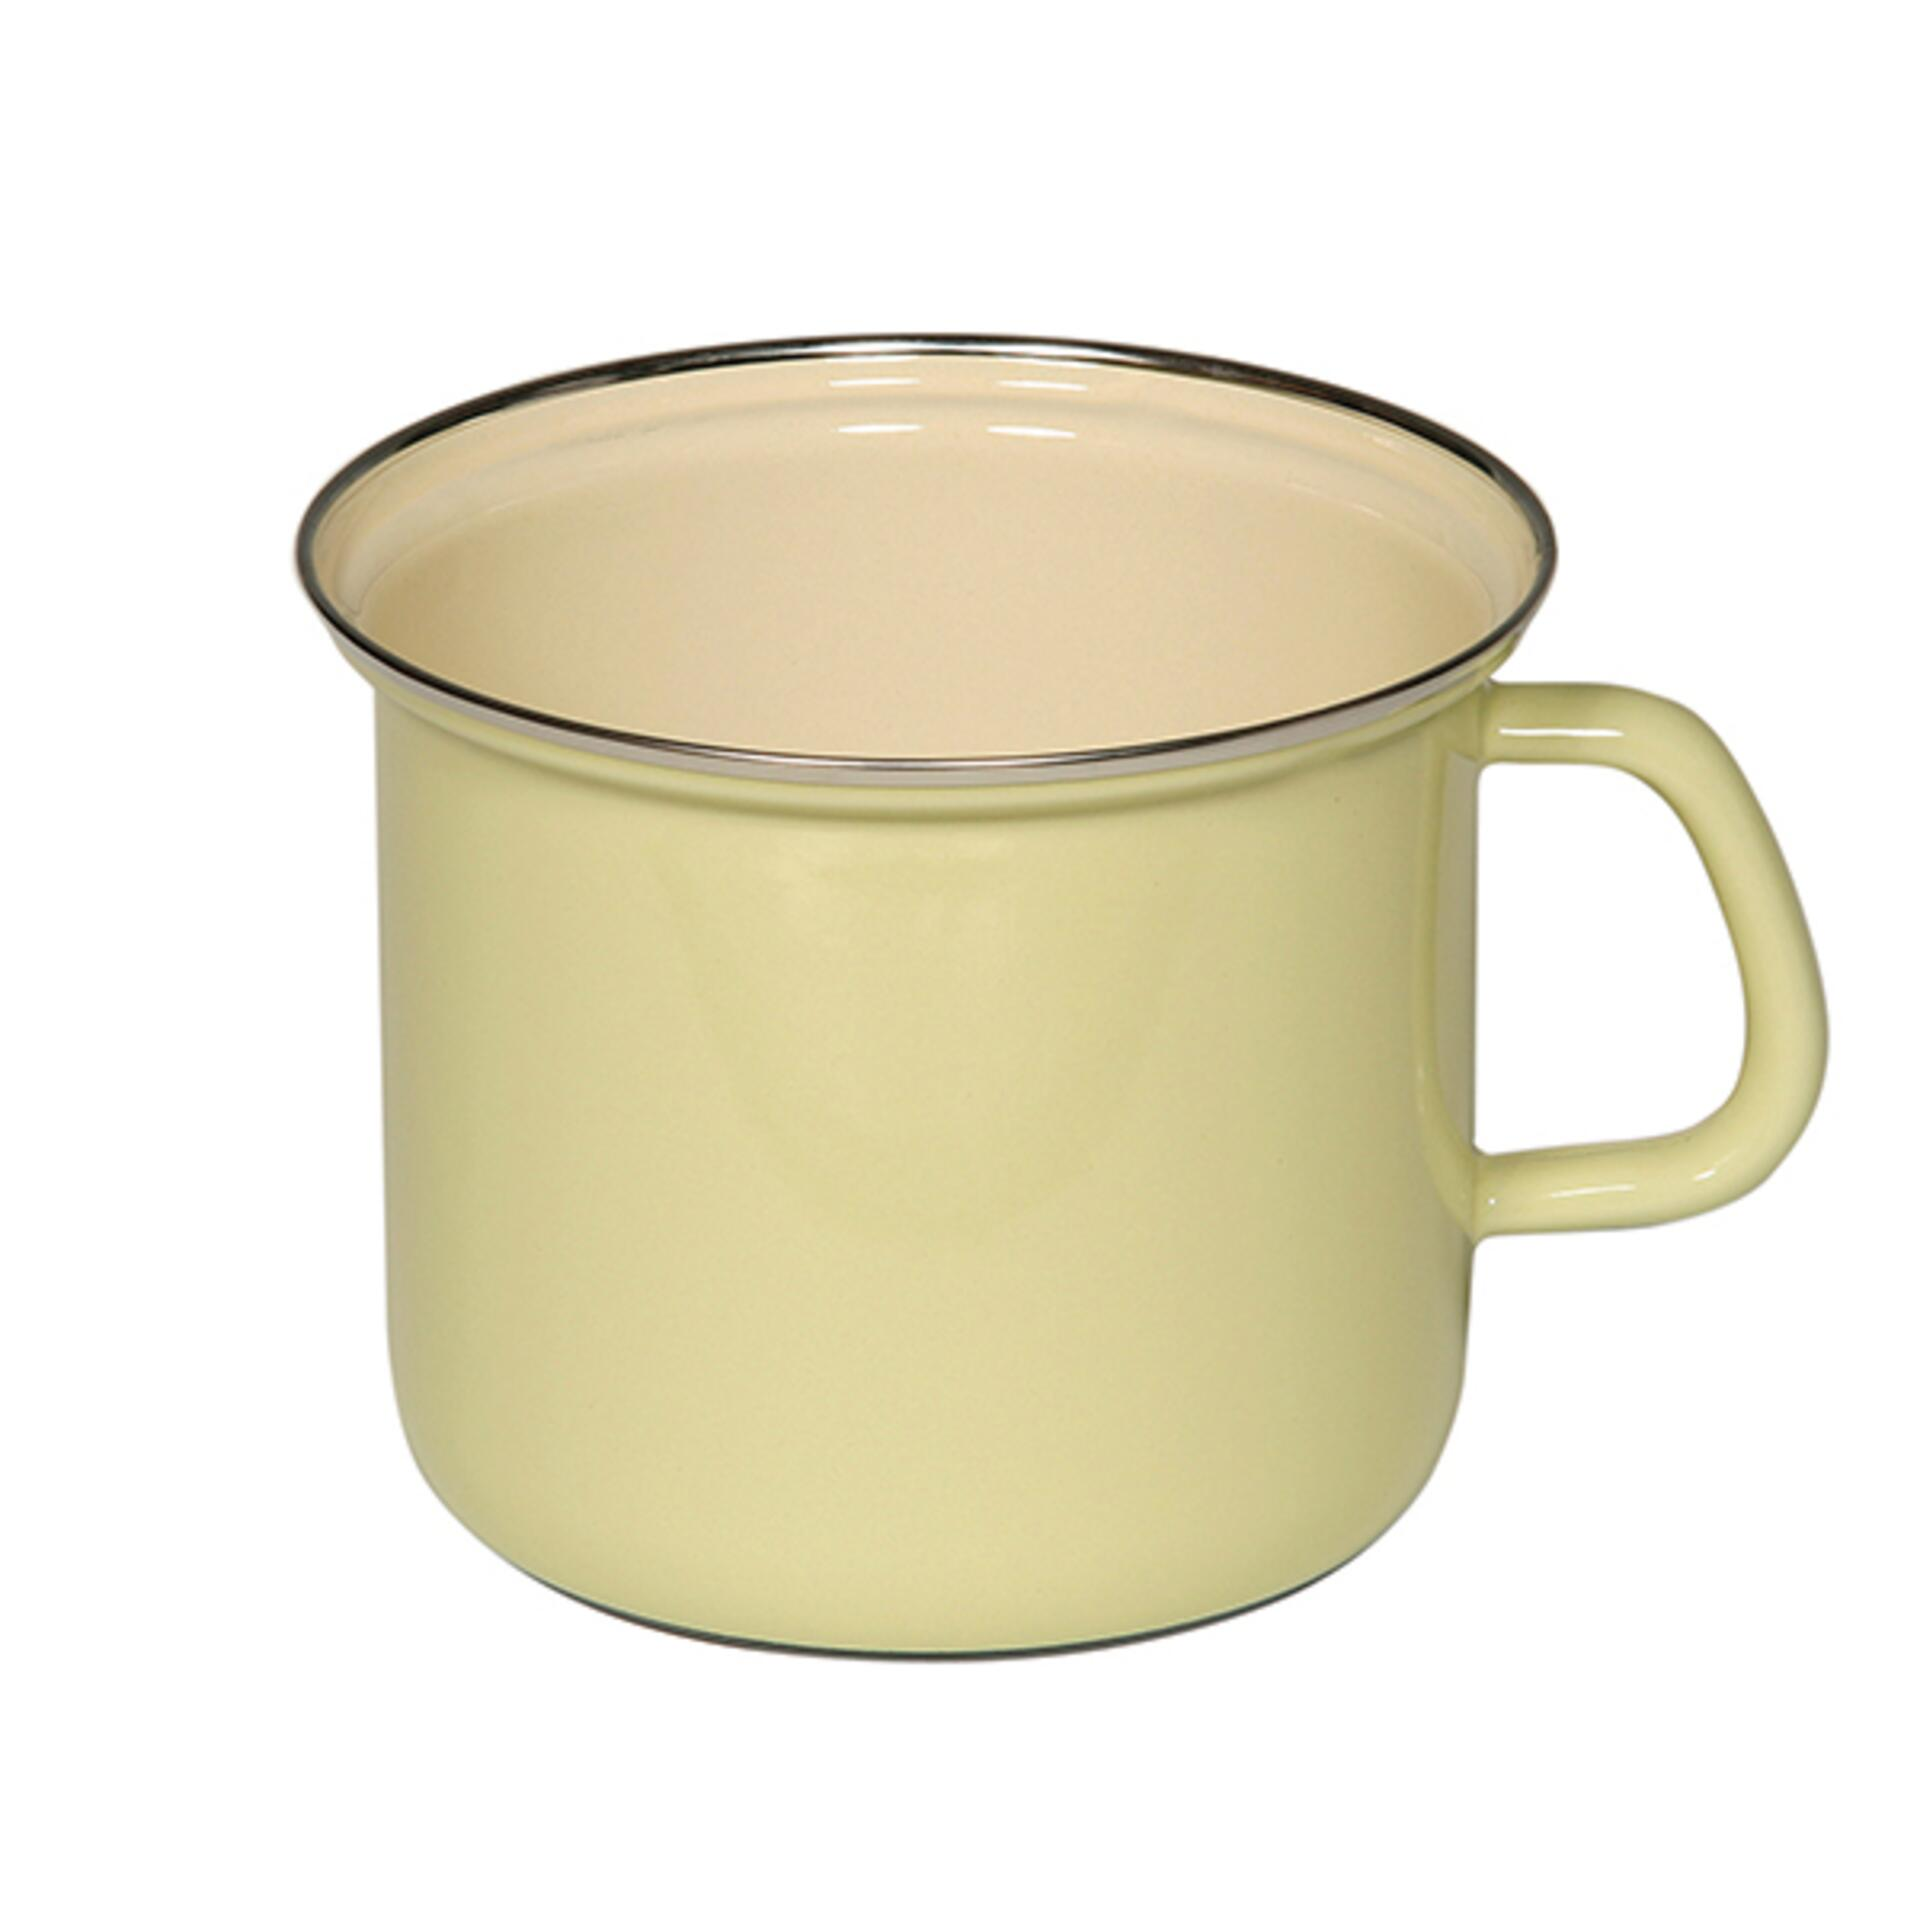 Riess Milchtopf mit Henkel Gelb 16 cm